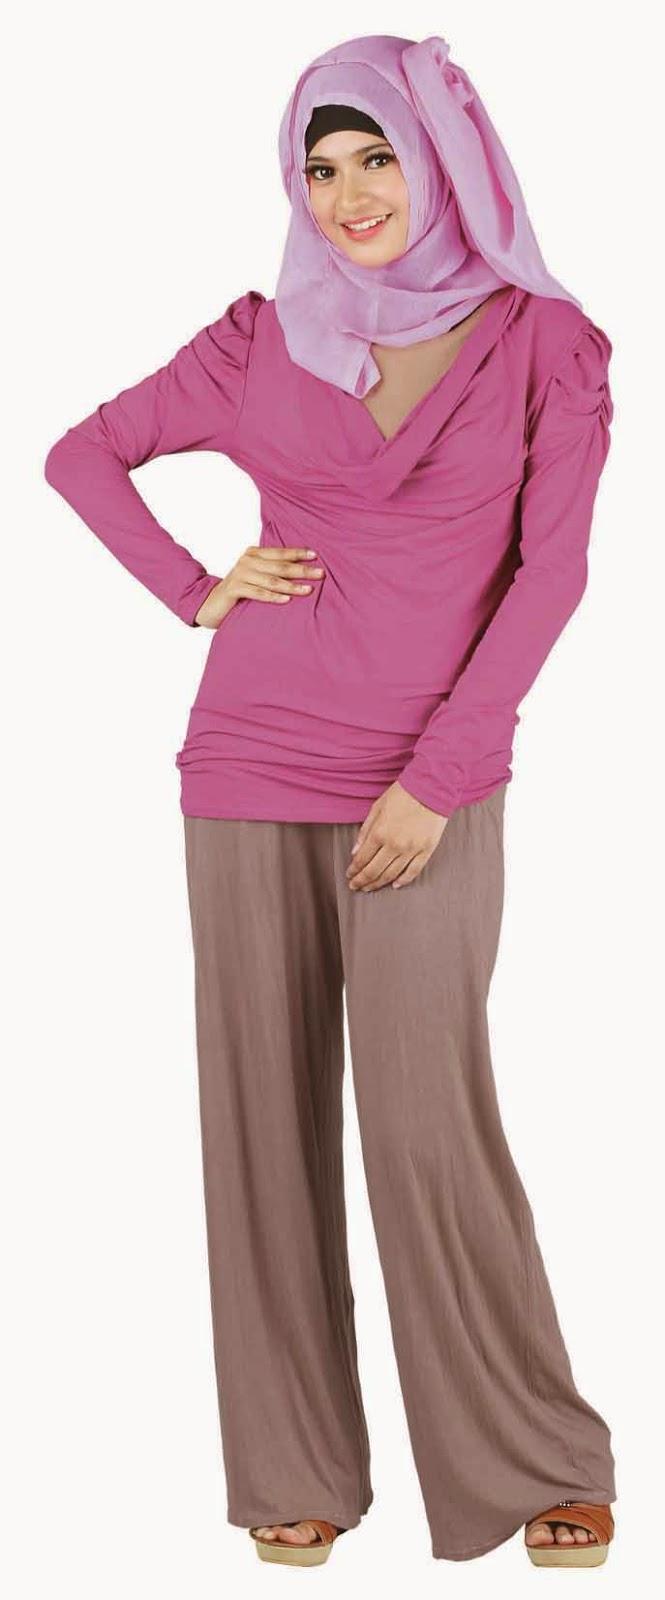 Kumpulan Desain Baju Muslim Remaja Seharihari  Kumpulan